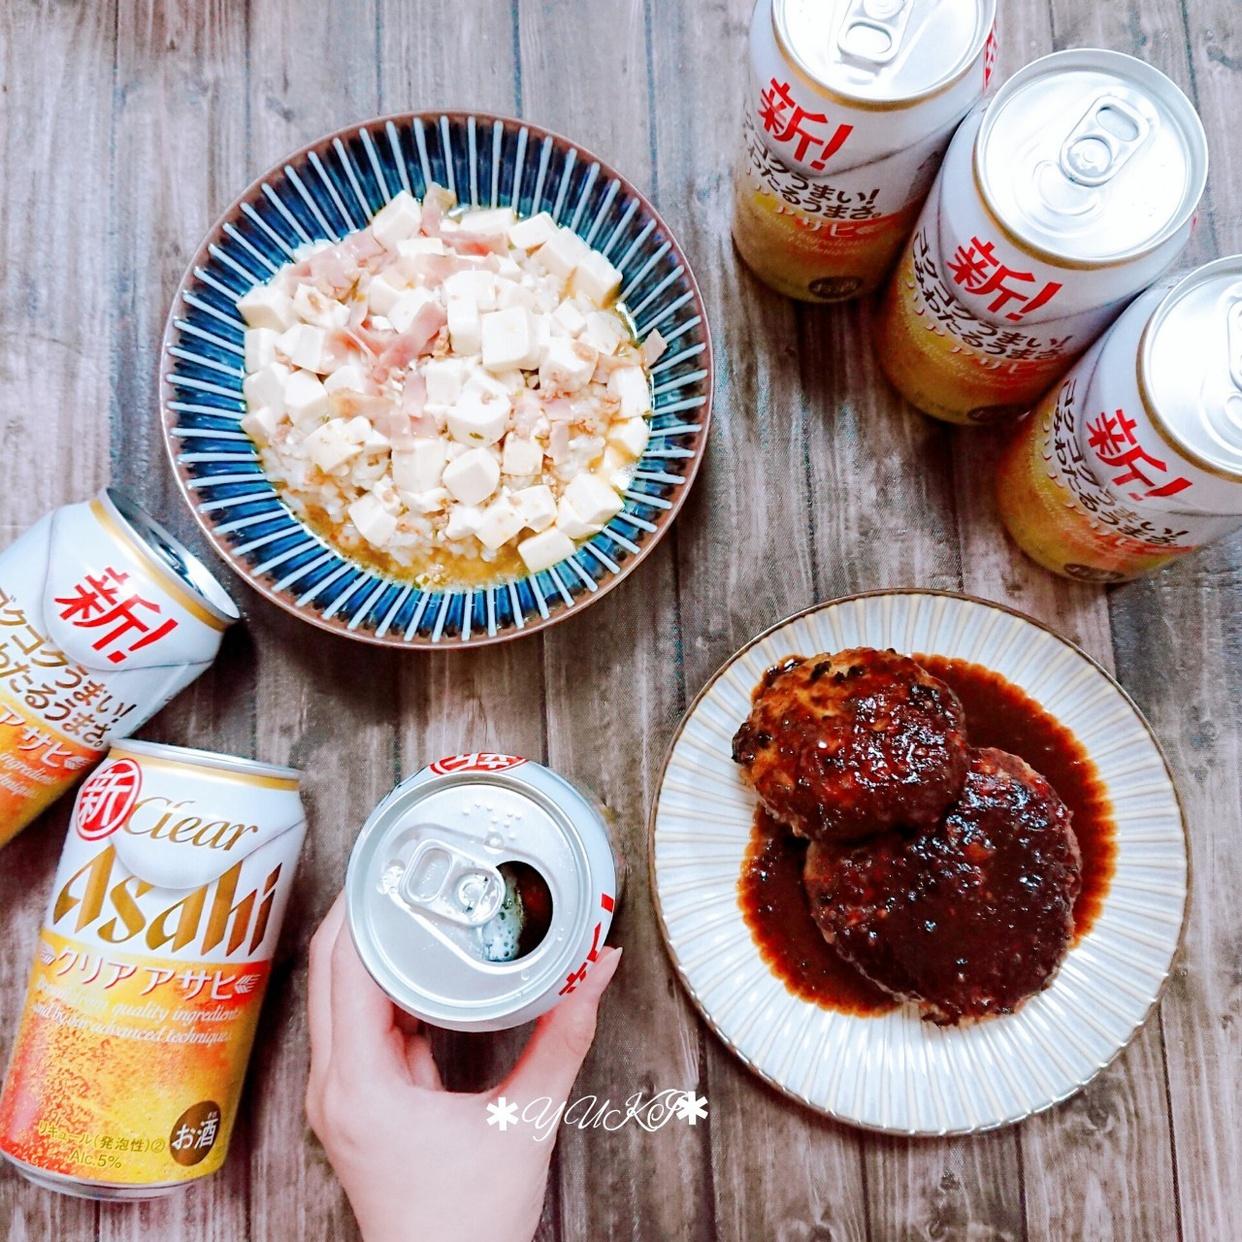 Asahi(アサヒビール) クリアアサヒを使ったYUKIさんのクチコミ画像1